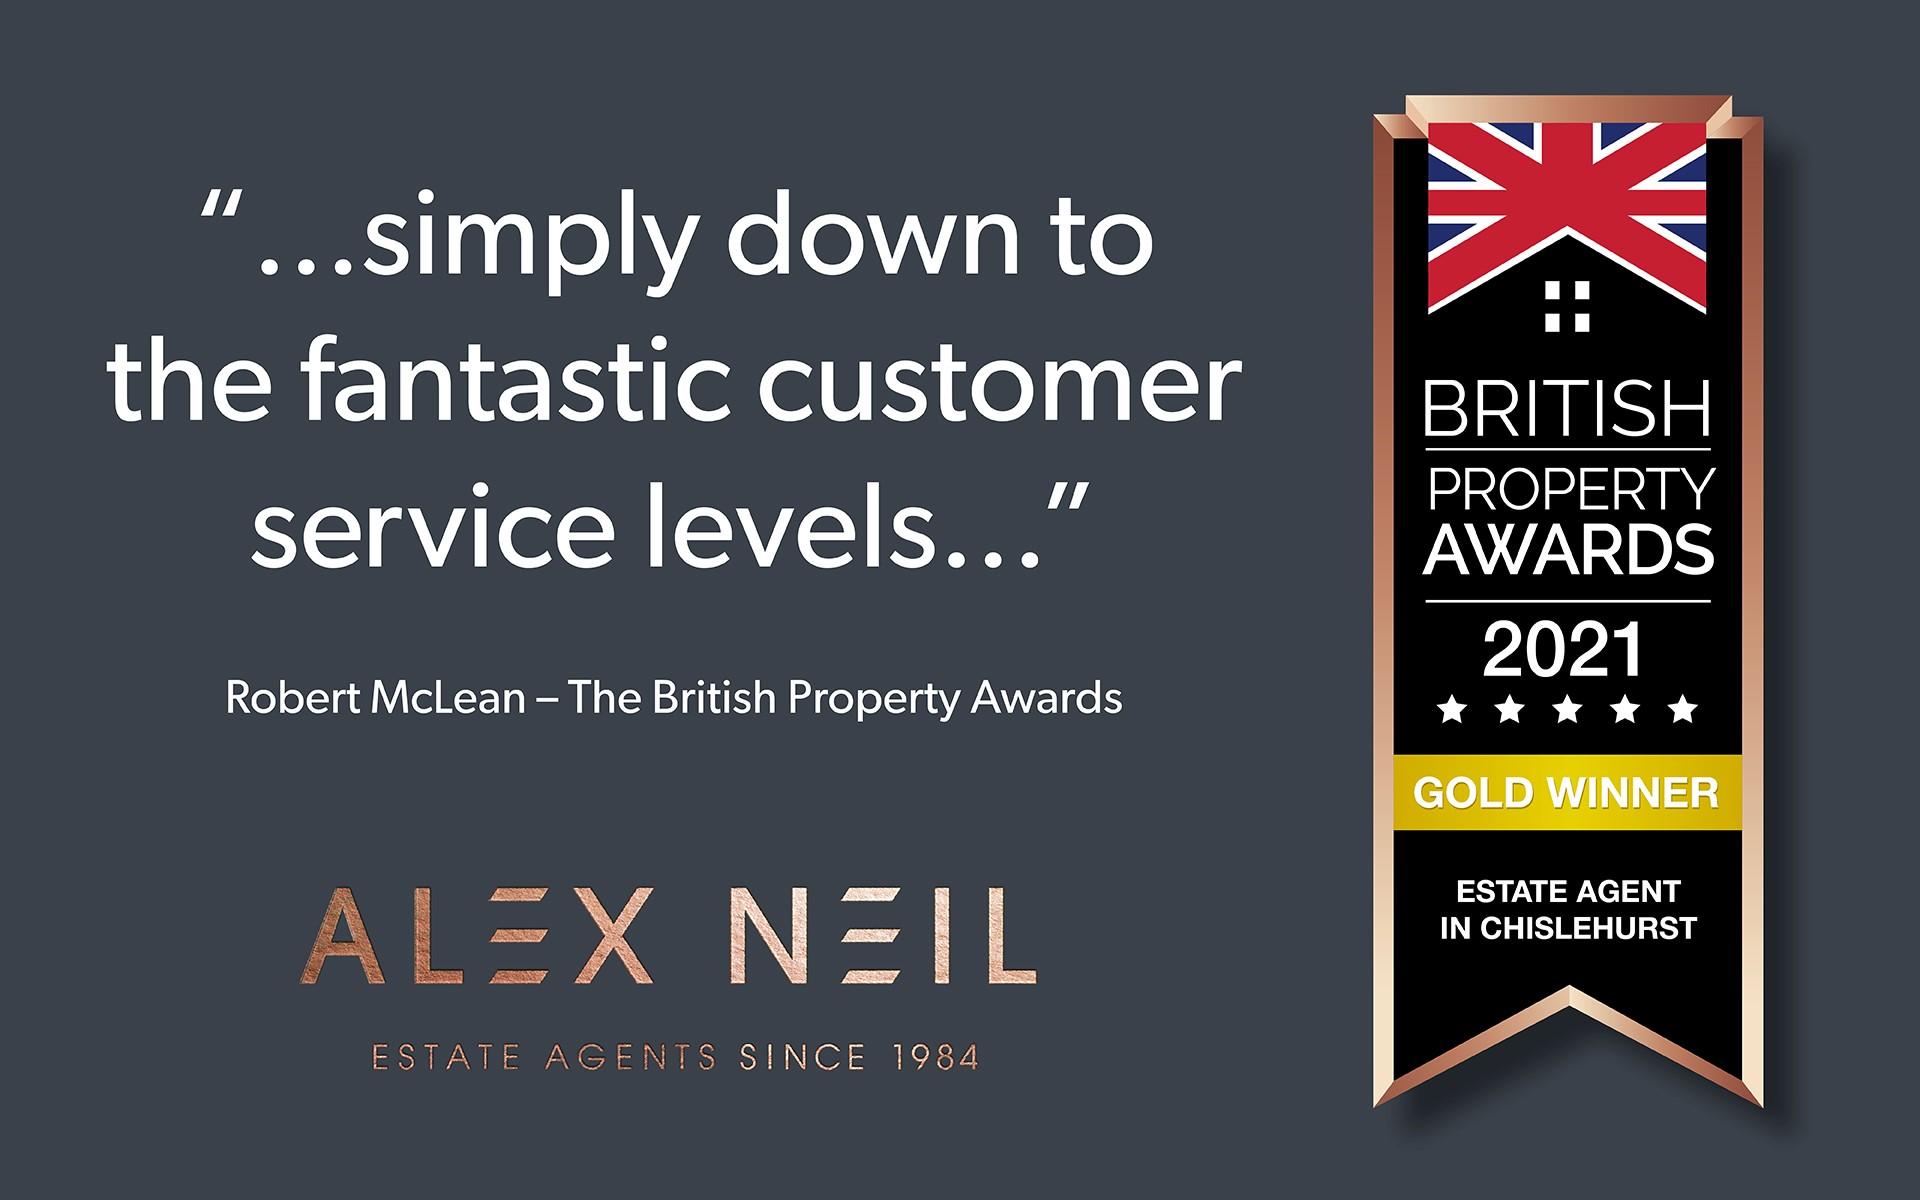 Alex Neil's British Property Award Chislehurst